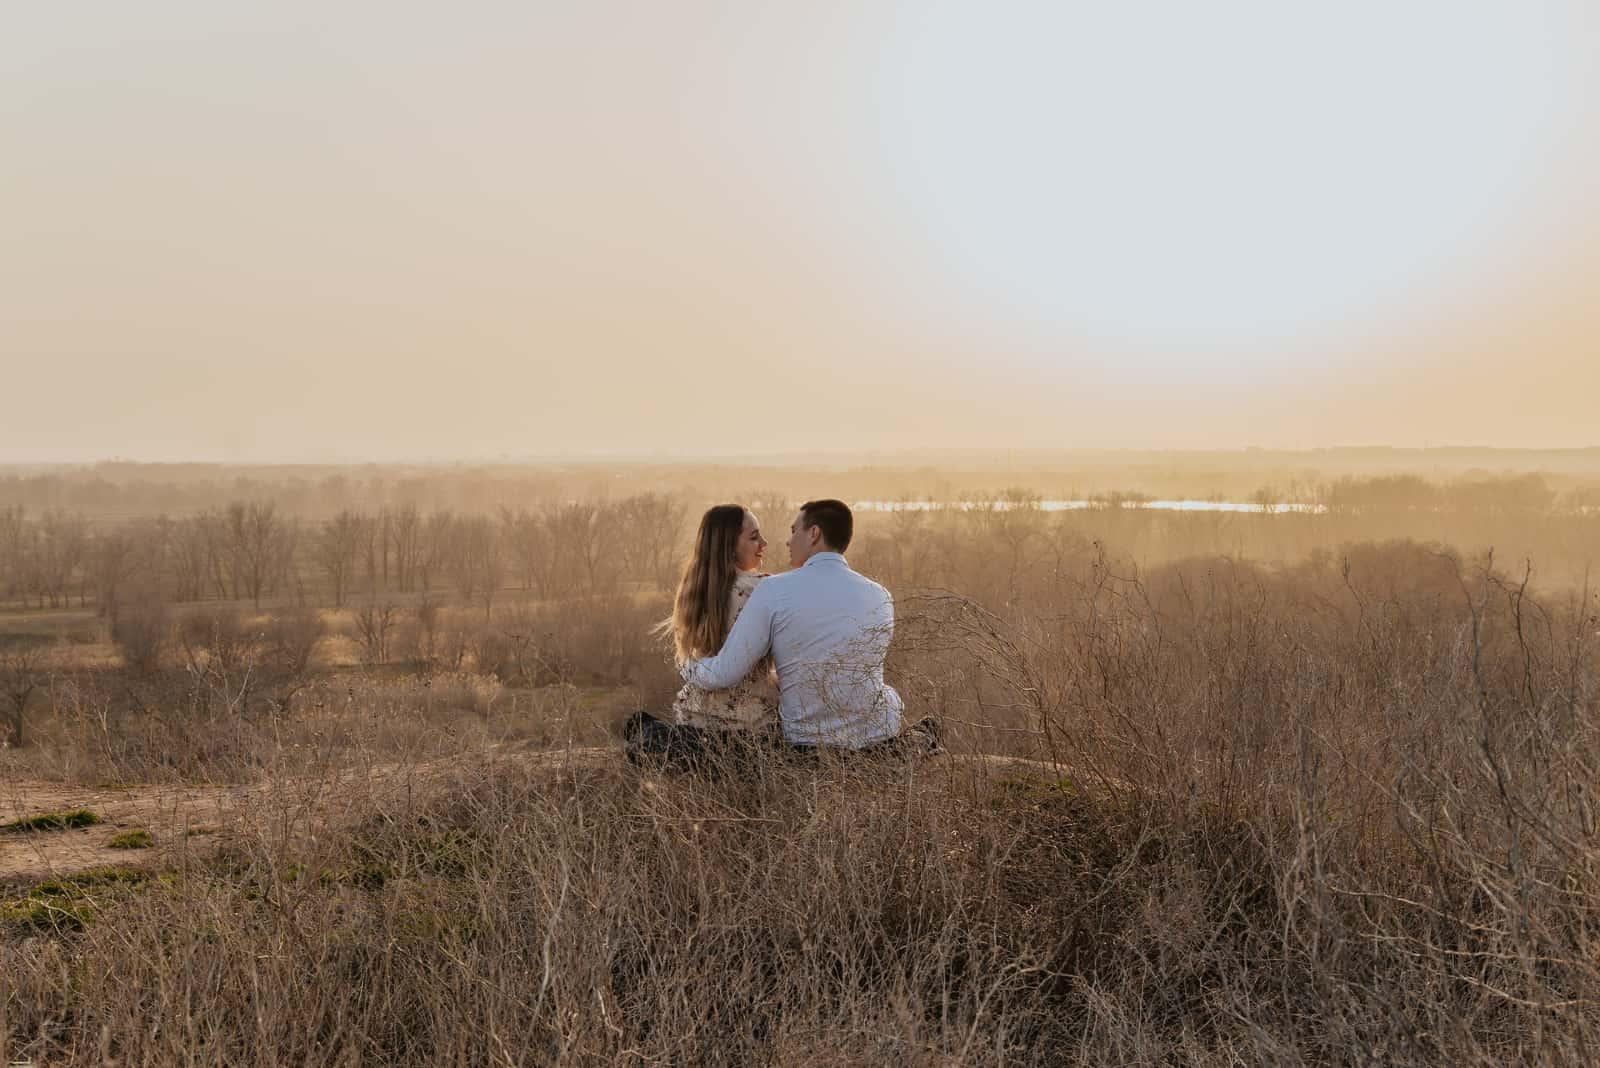 homme et femme s'embrassant assis dans un champ